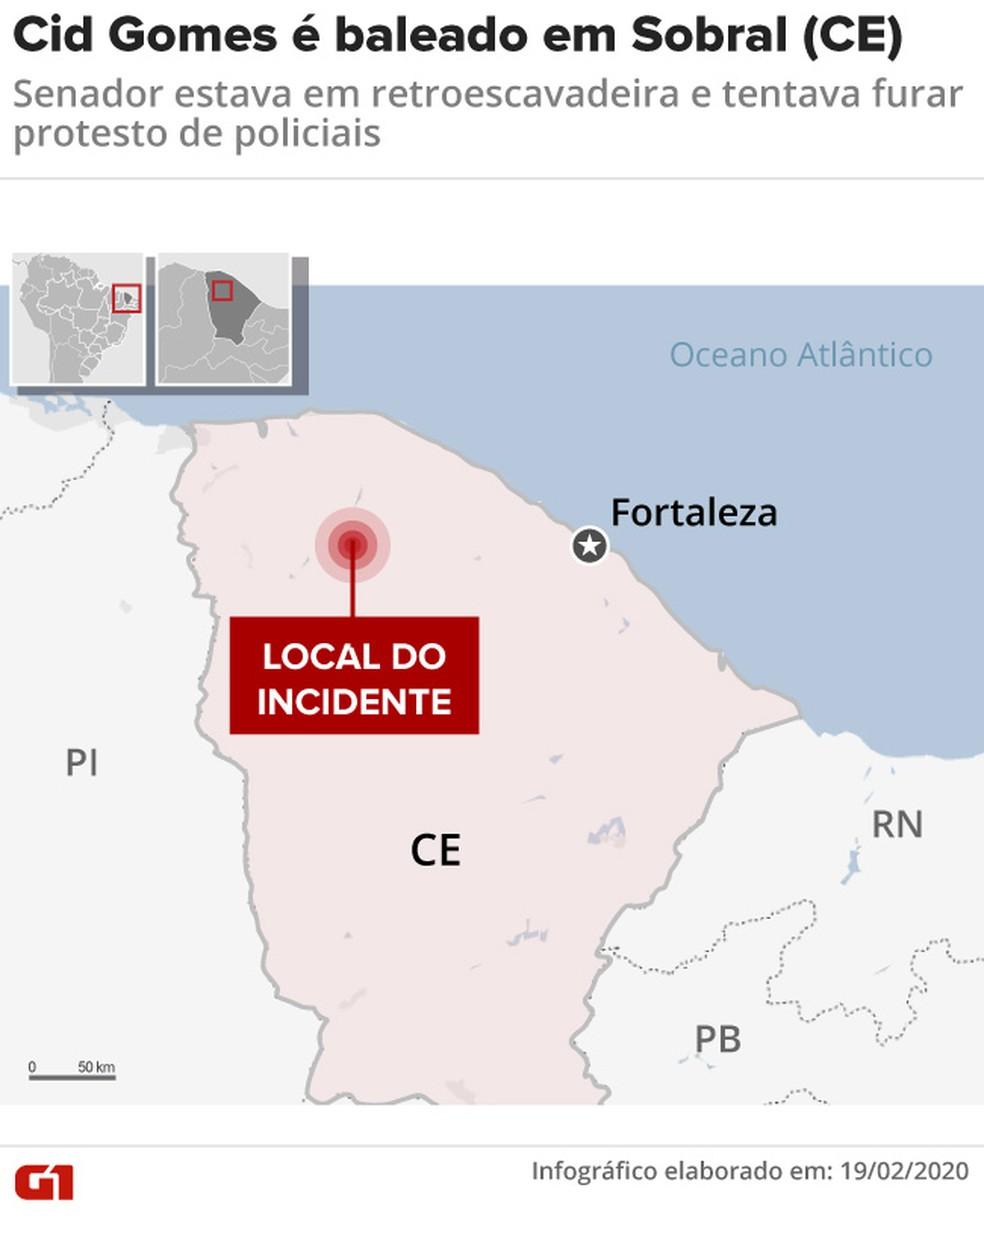 Cid Gomes é baleado em Sobral (CE): senador licenciado estava em retroescavadeira e tentava furar protesto de policiais — Foto: Cido Gonçalves / G1